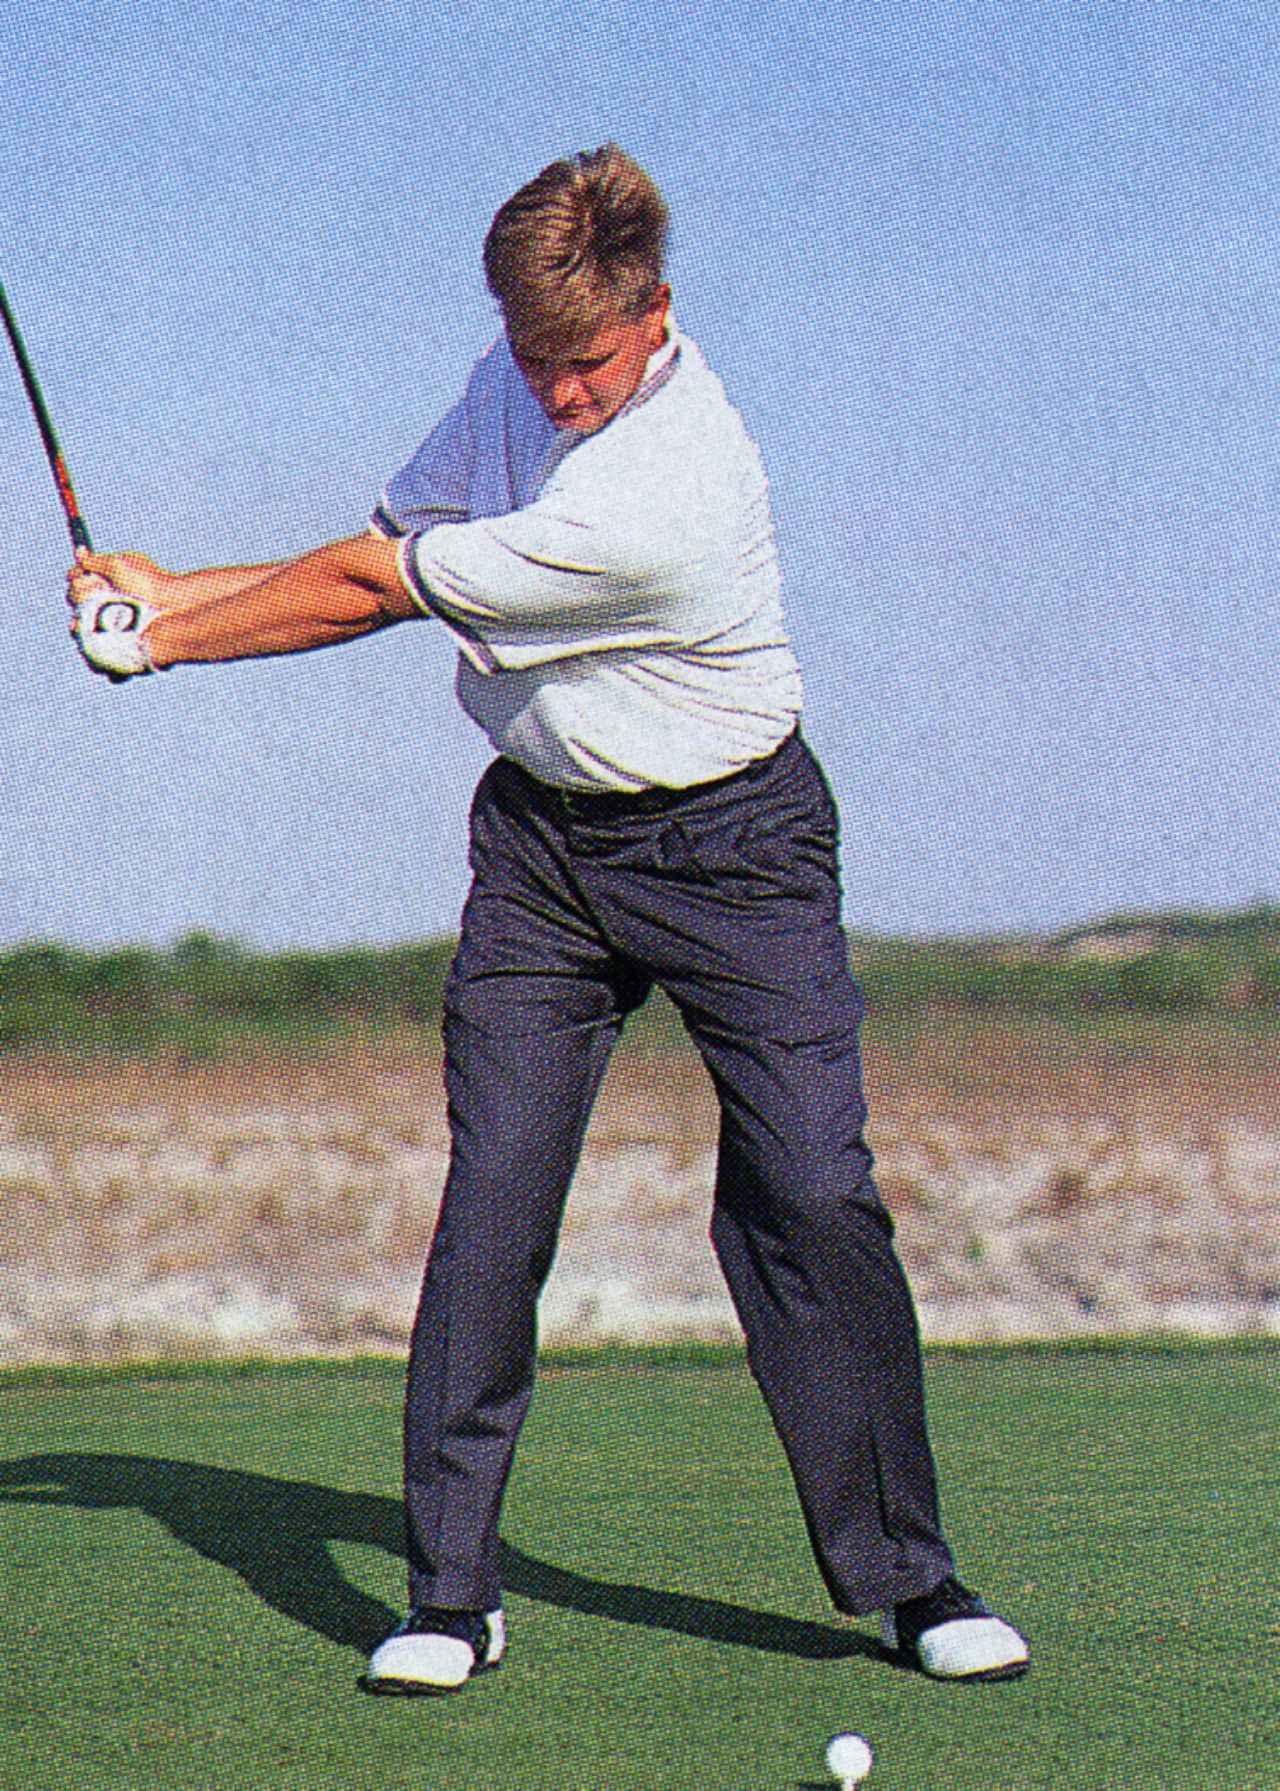 画像3: 【南アのゴルフ遺伝子Vol.4】アーニー・エルスが目指したもの